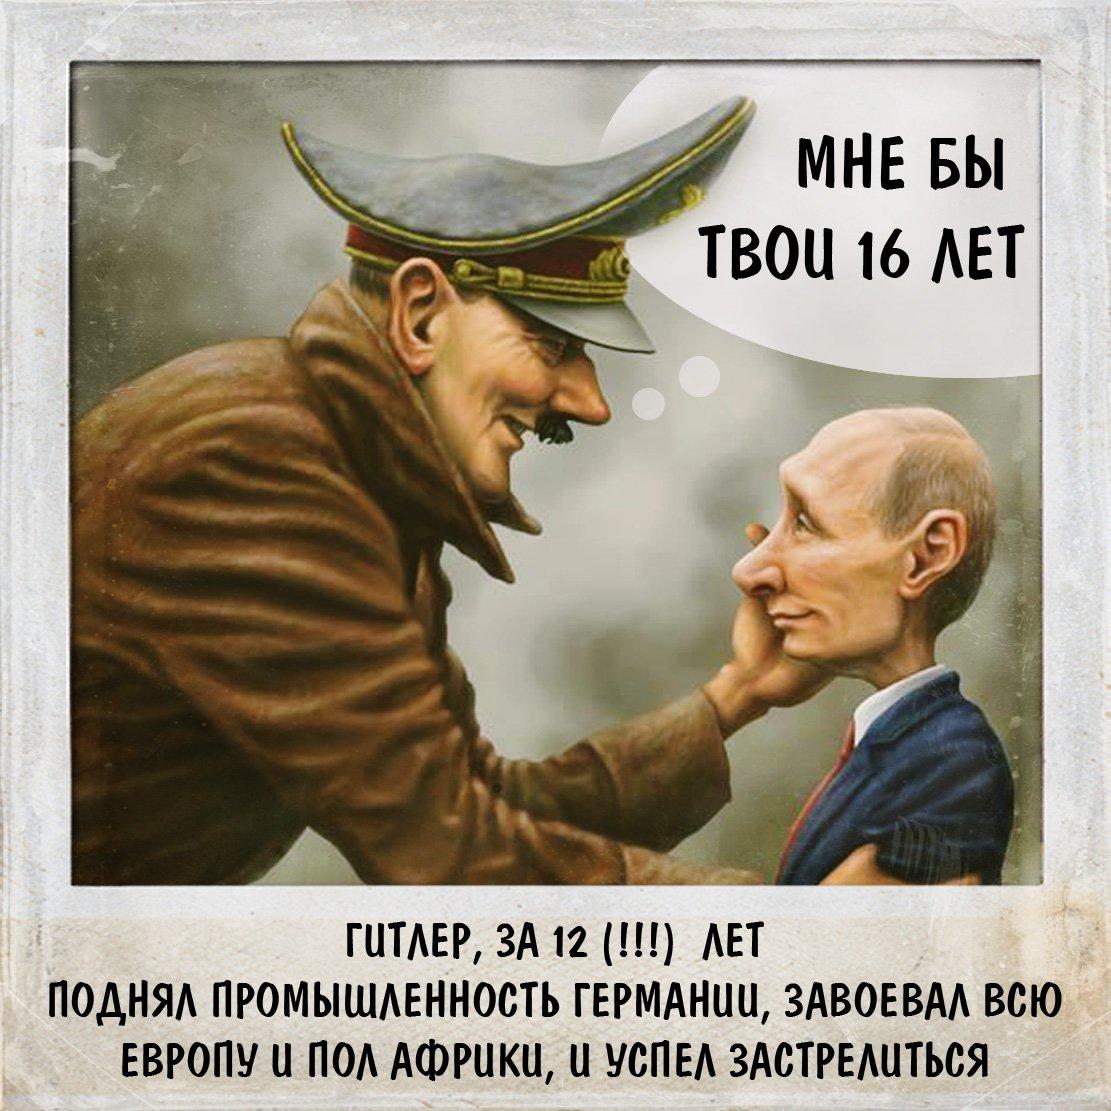 Поскольку поведение России не изменилось, пришло время нарастить санкции, - американский эксперт Крамер - Цензор.НЕТ 5317